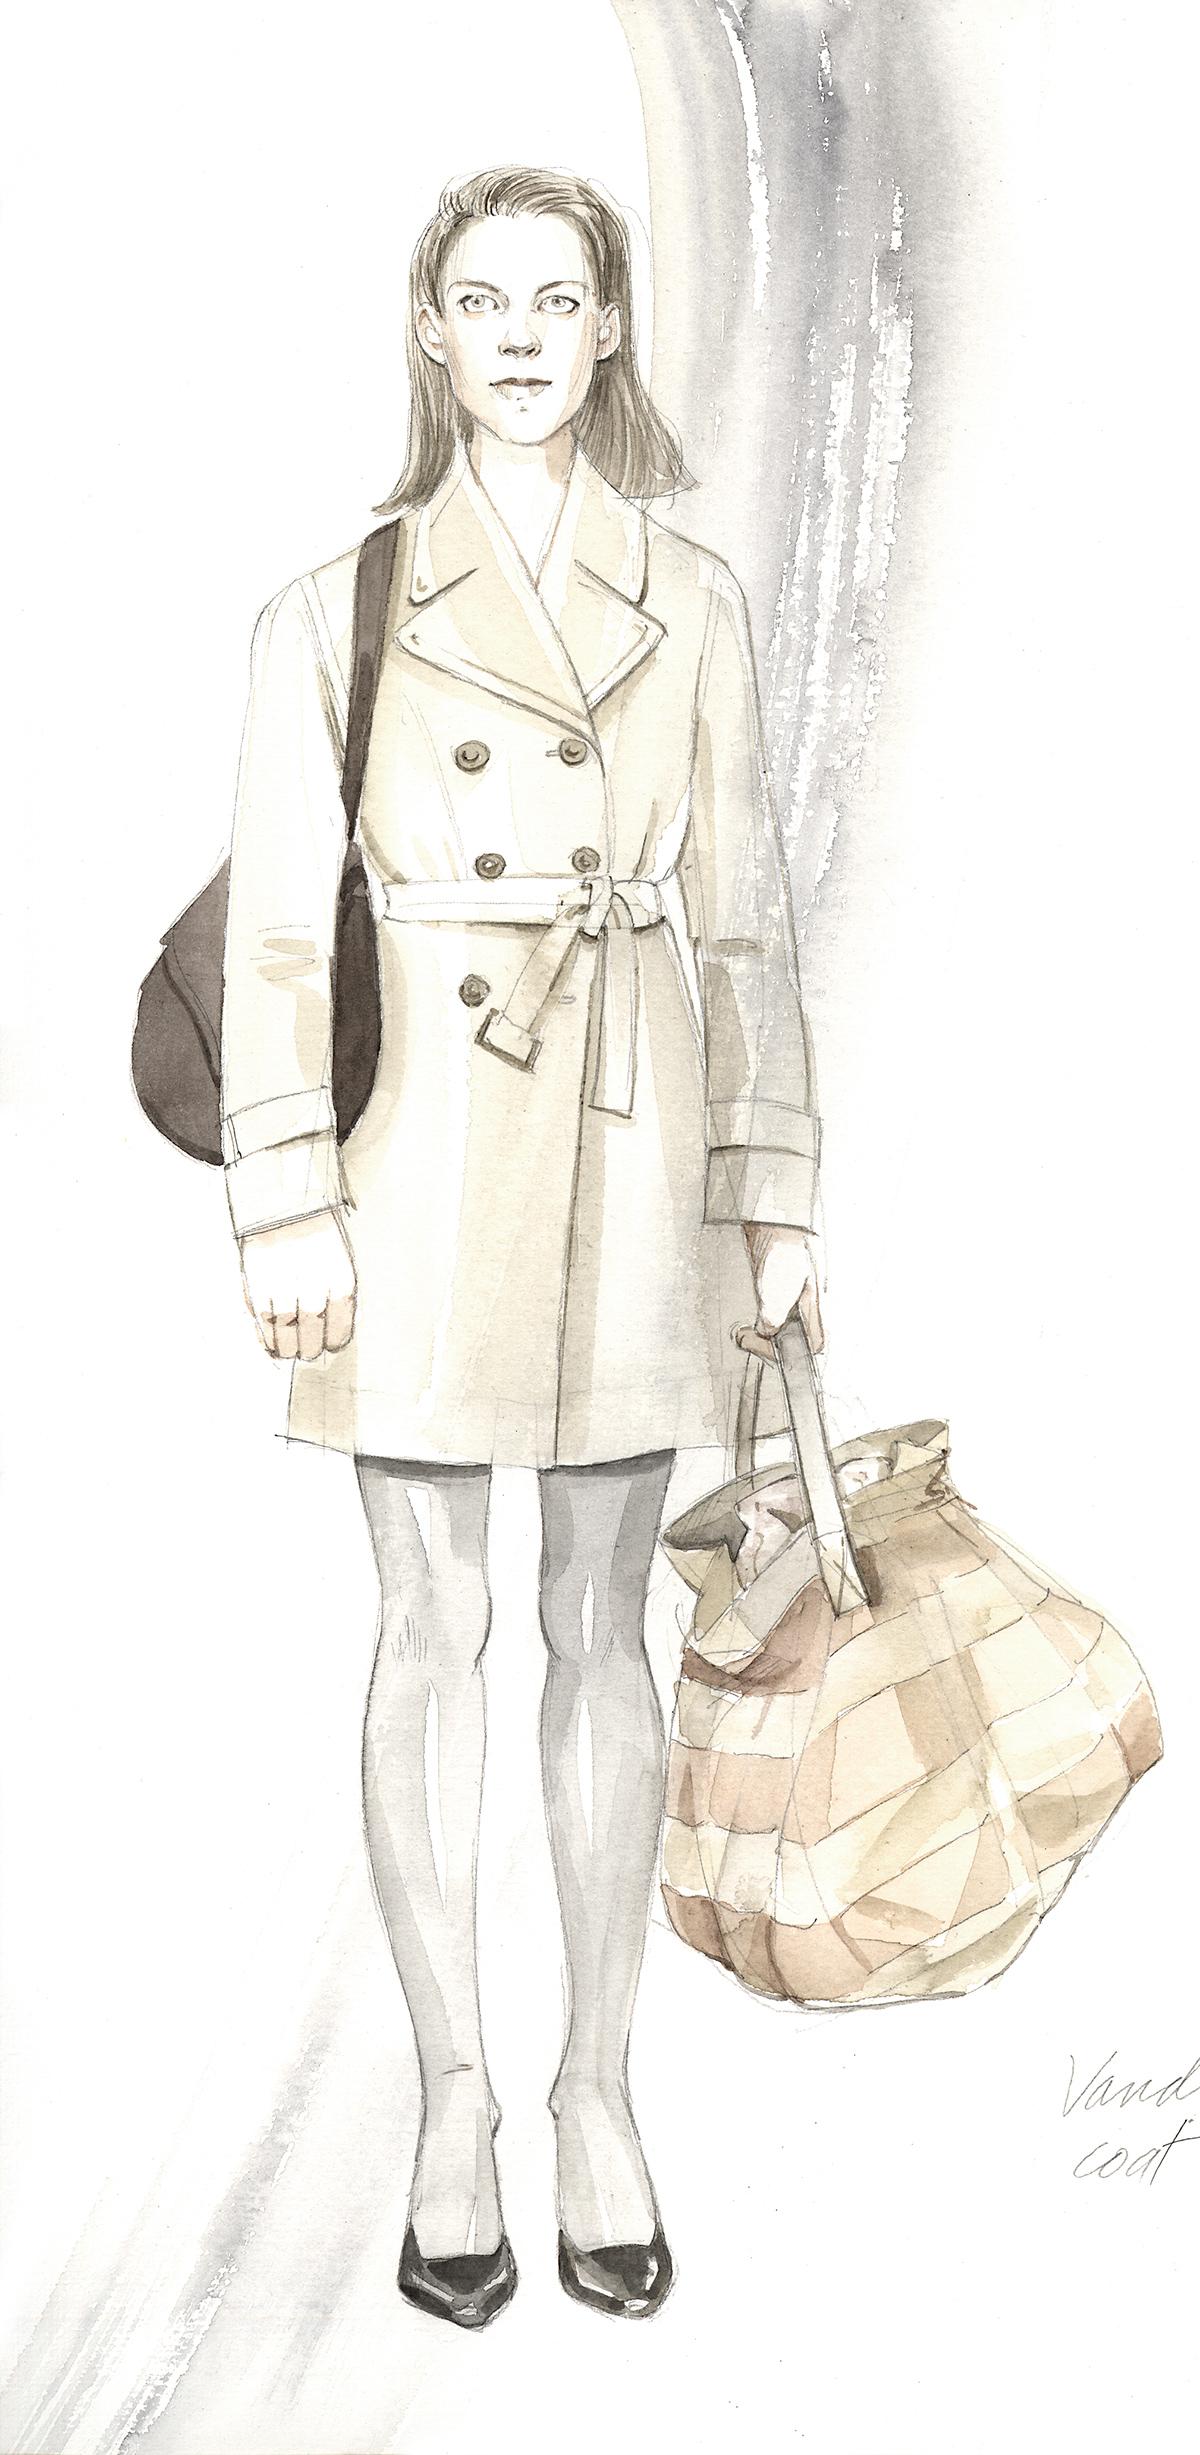 VENUS-Vanda-Coat